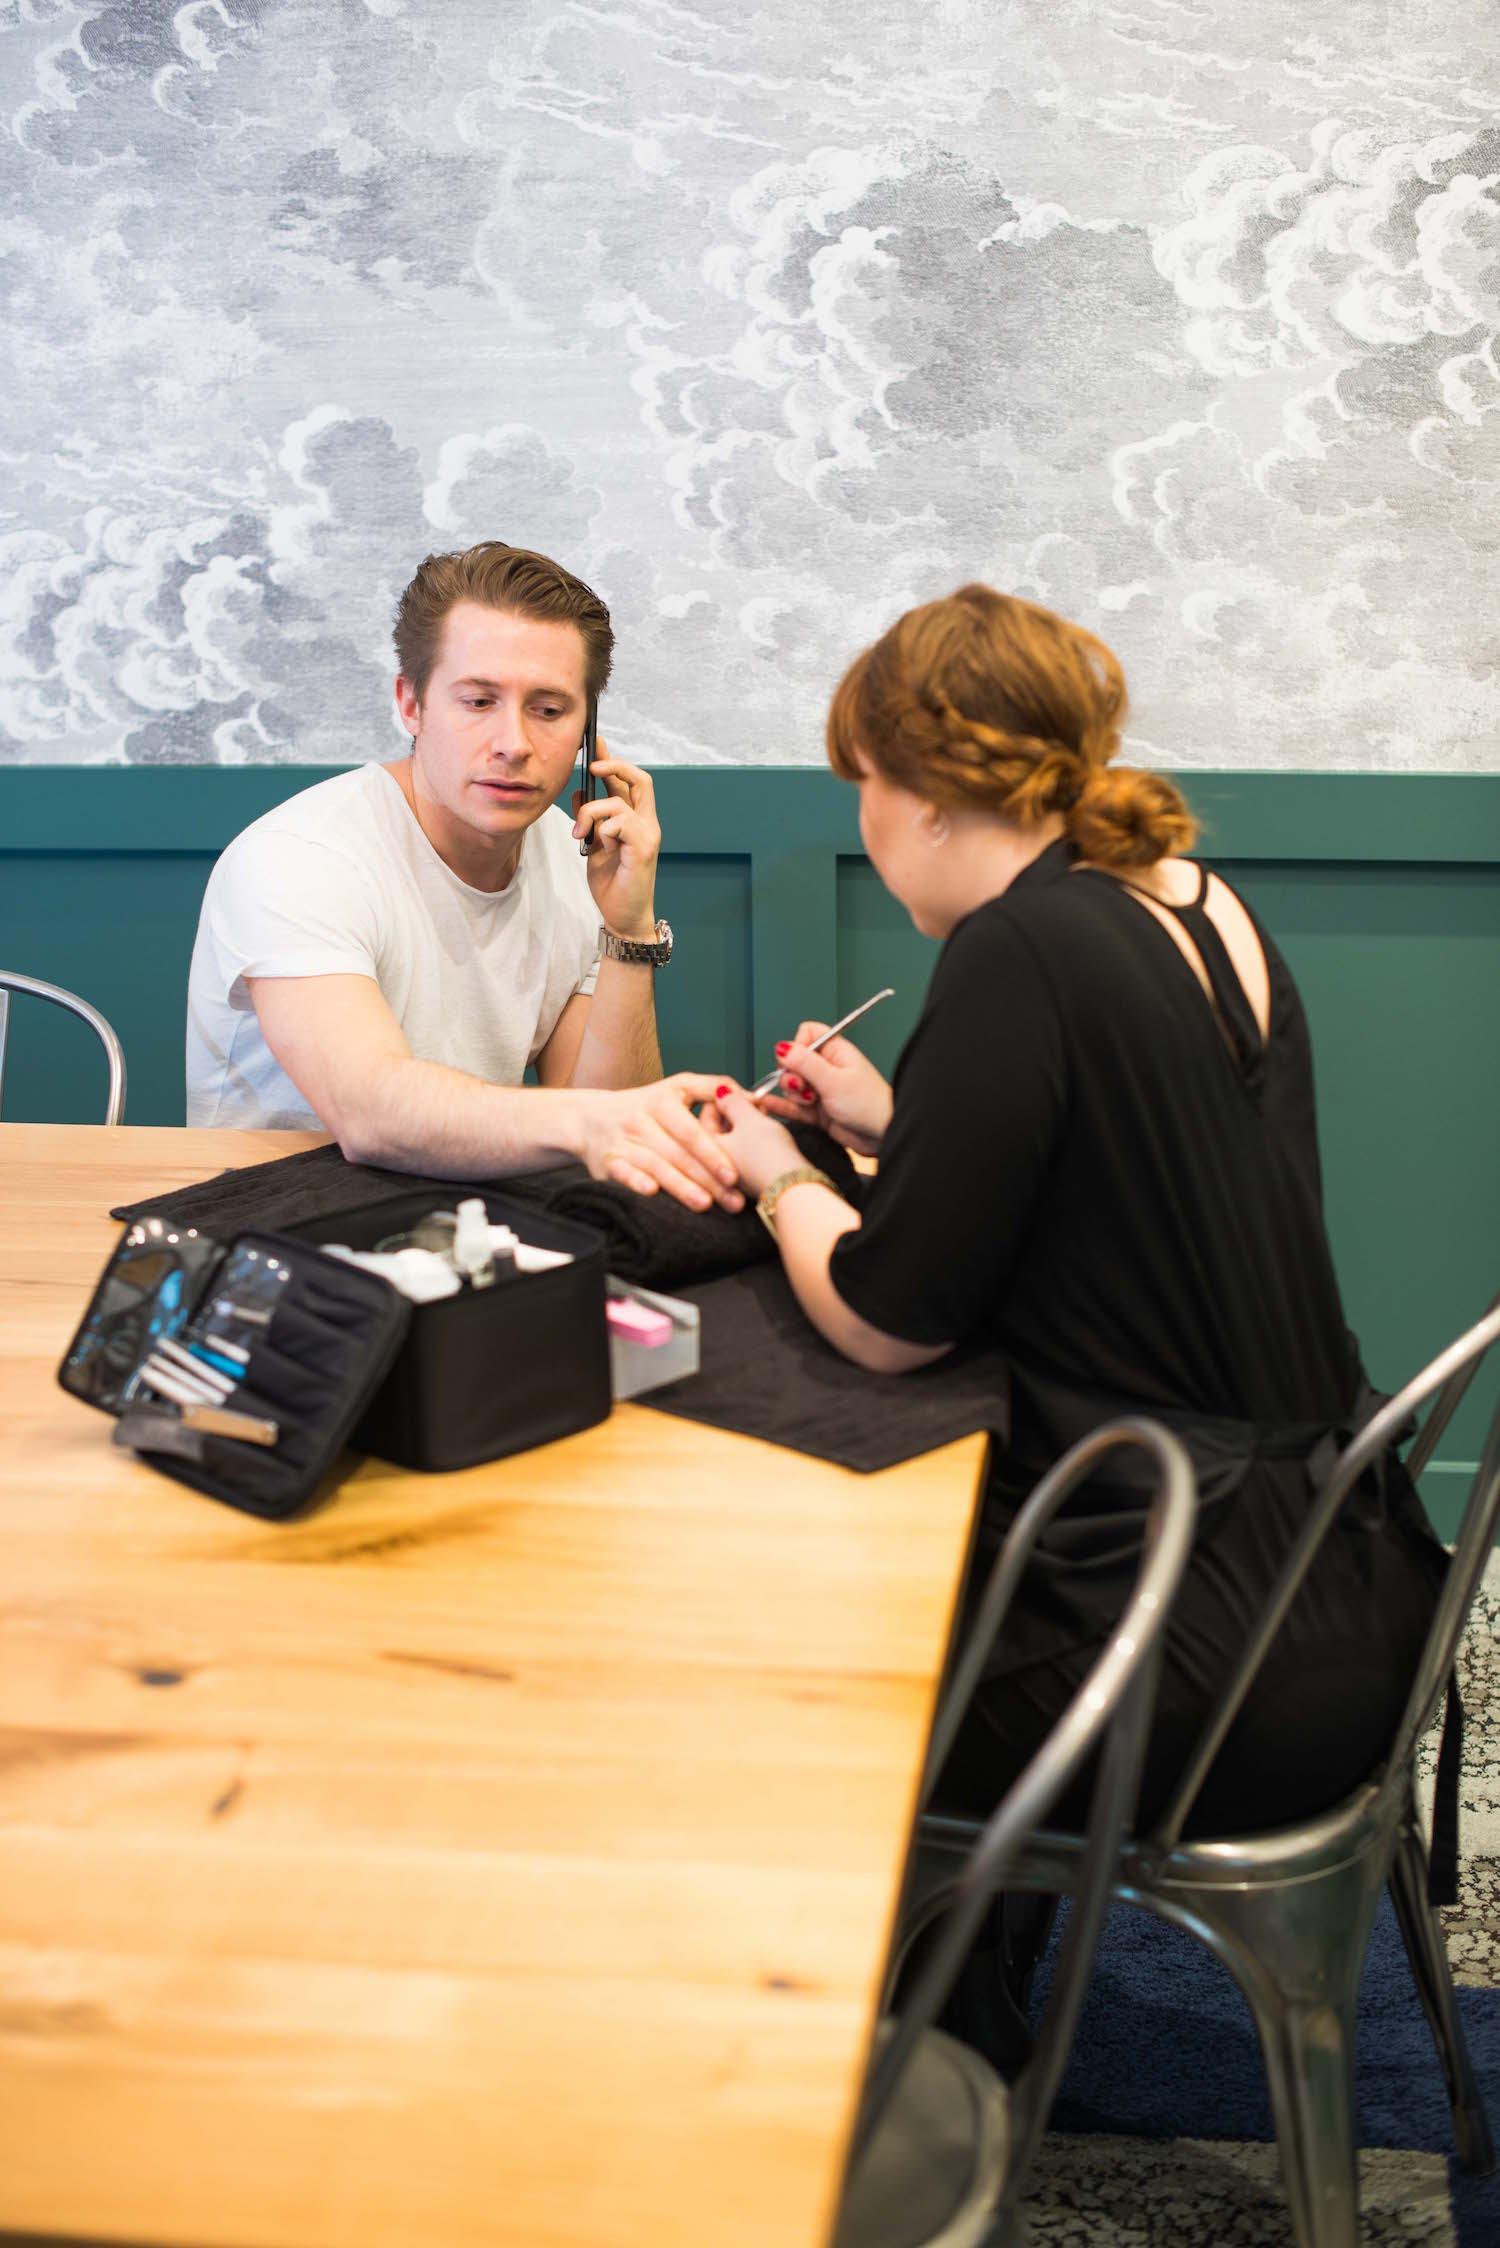 MINC Beauty London's Premier In-Office Well Being Service